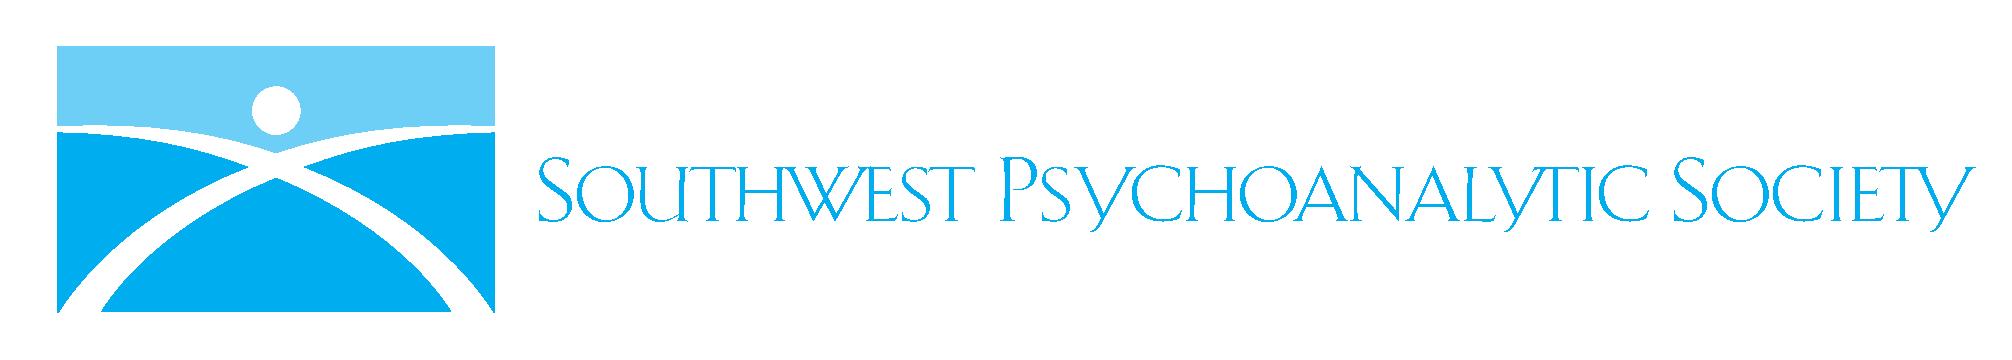 Southwest Psychoanalytic Society